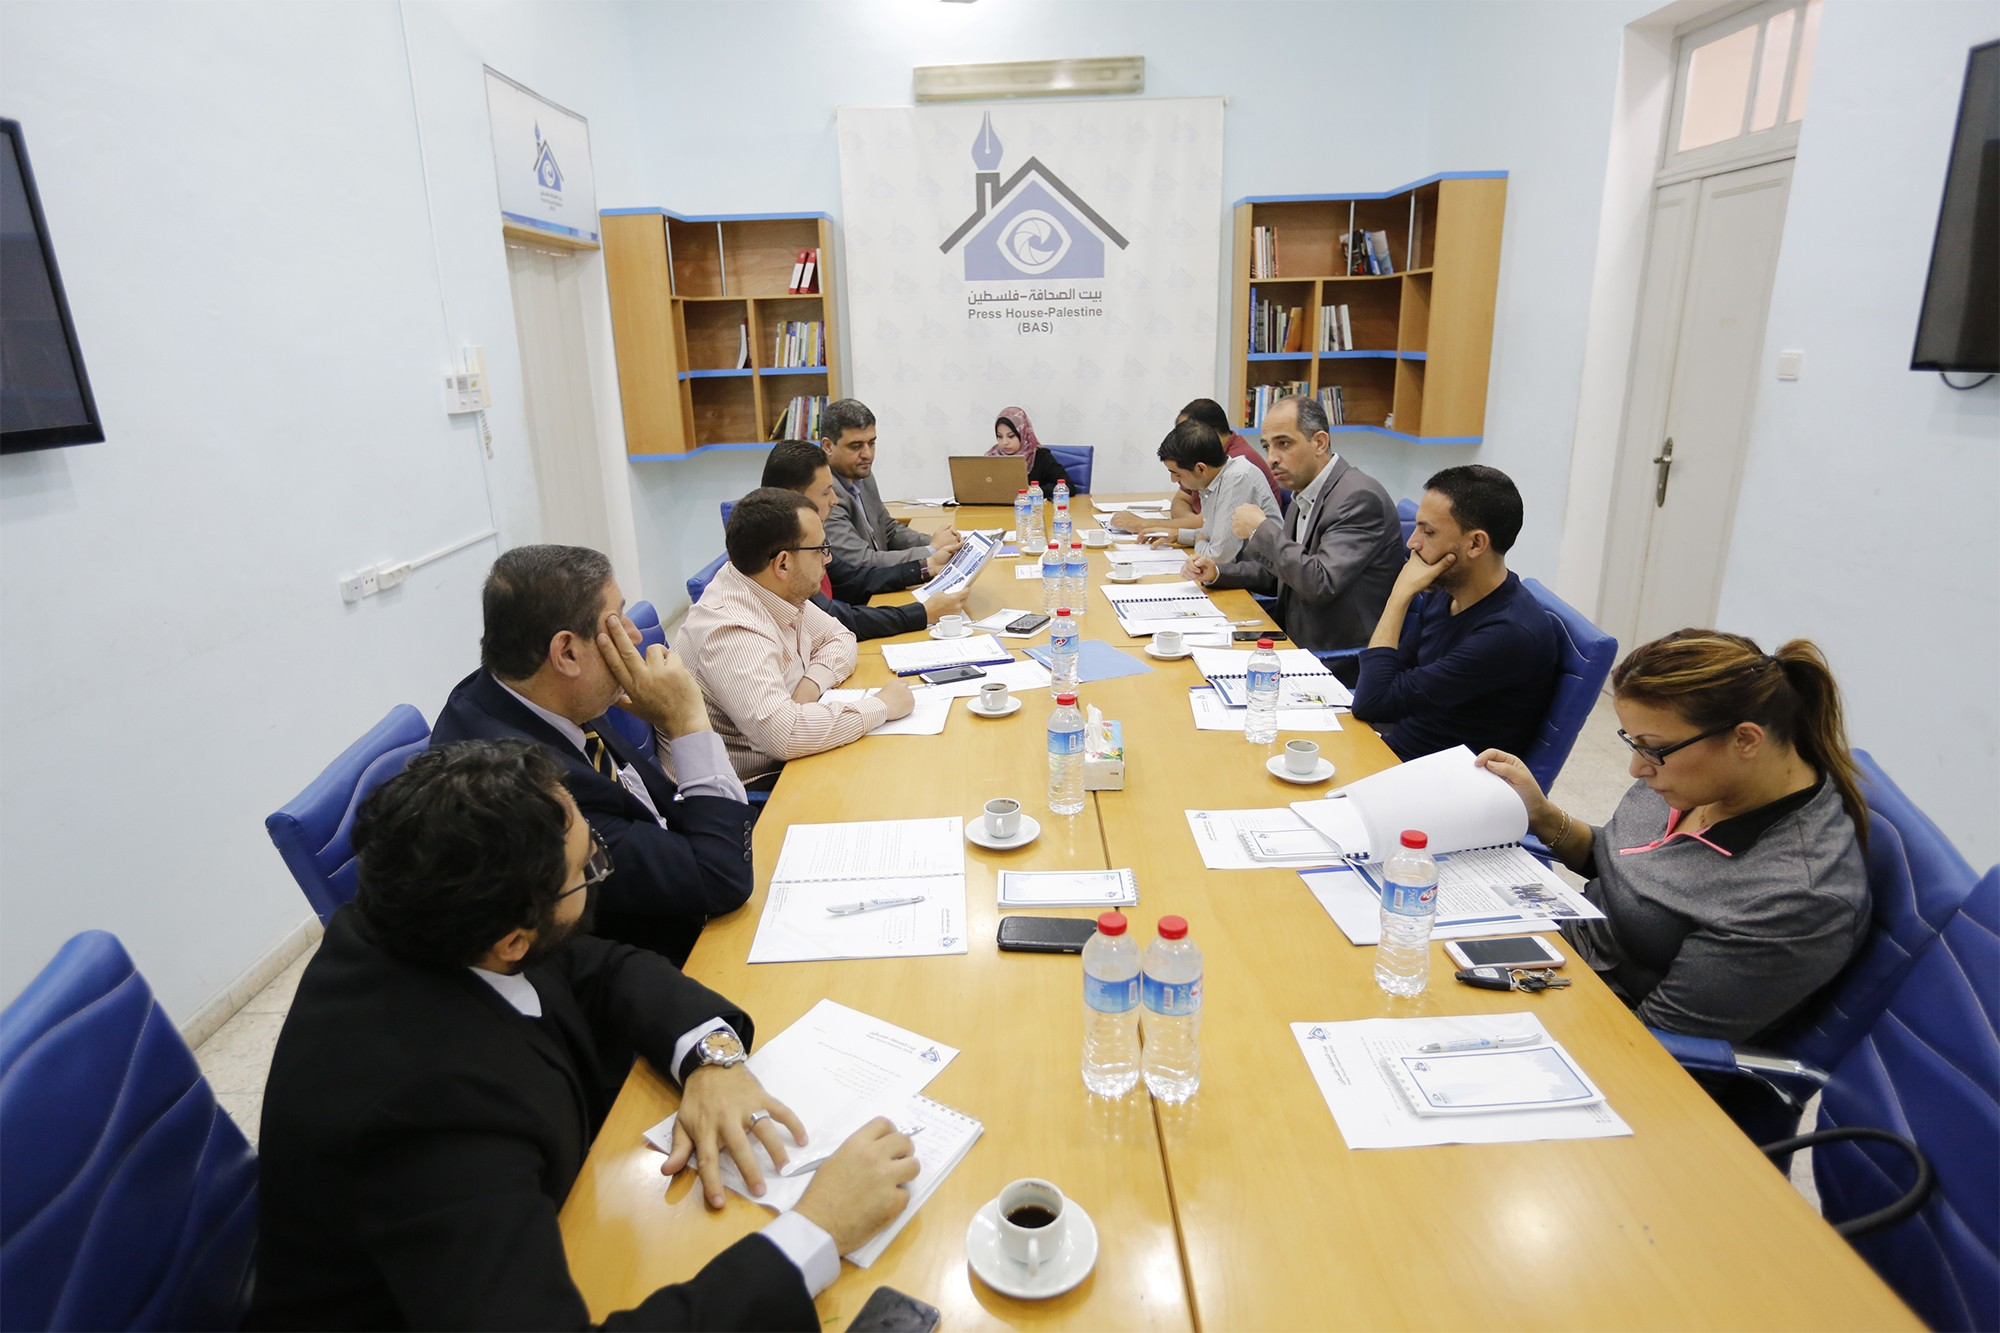 اجتماع الجمعية العامة